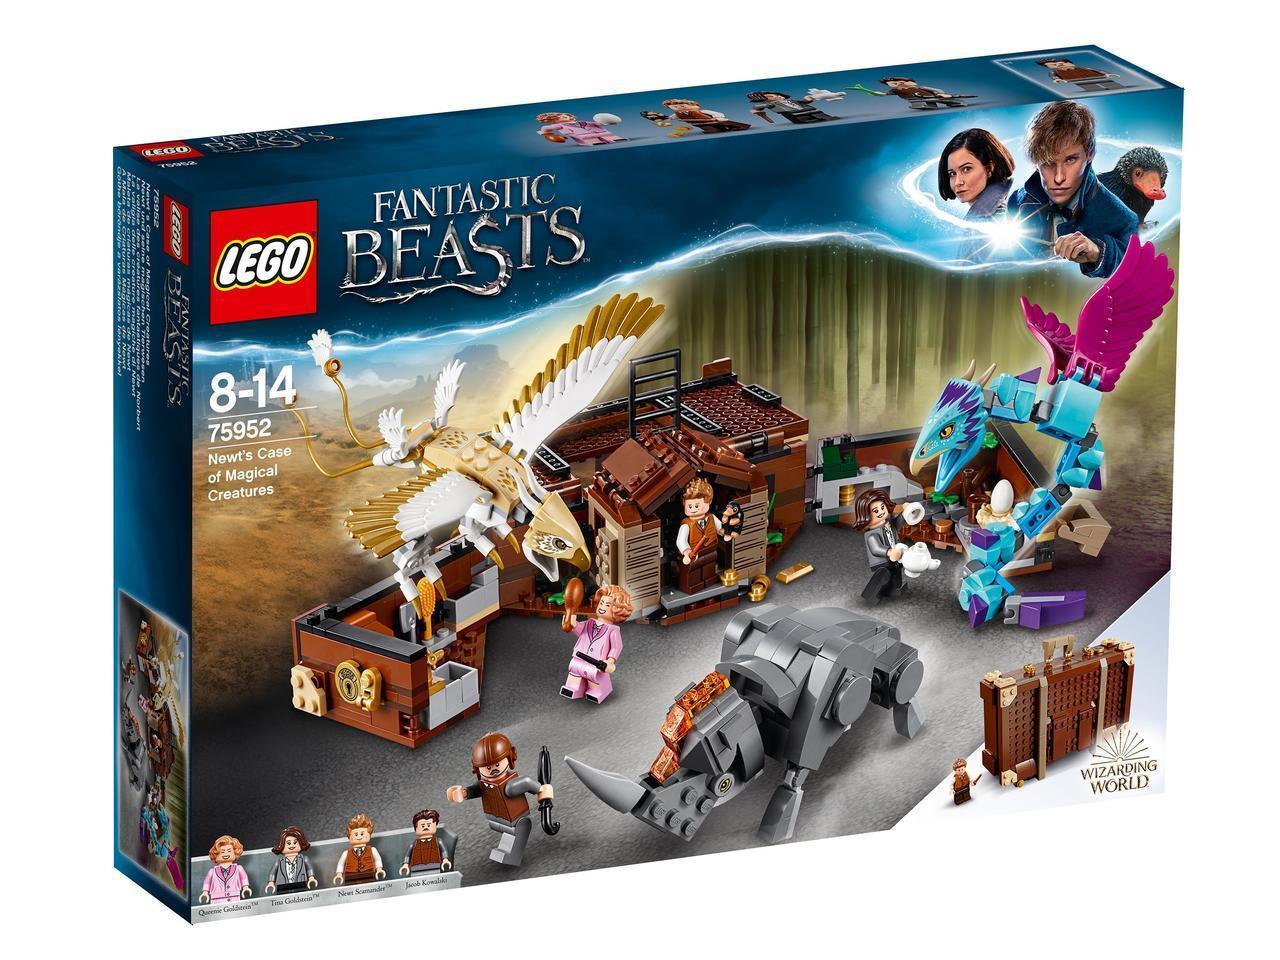 75952 Lego Harry Potter and Fantastic beasts Чемодан Ньюта с волшебными существами